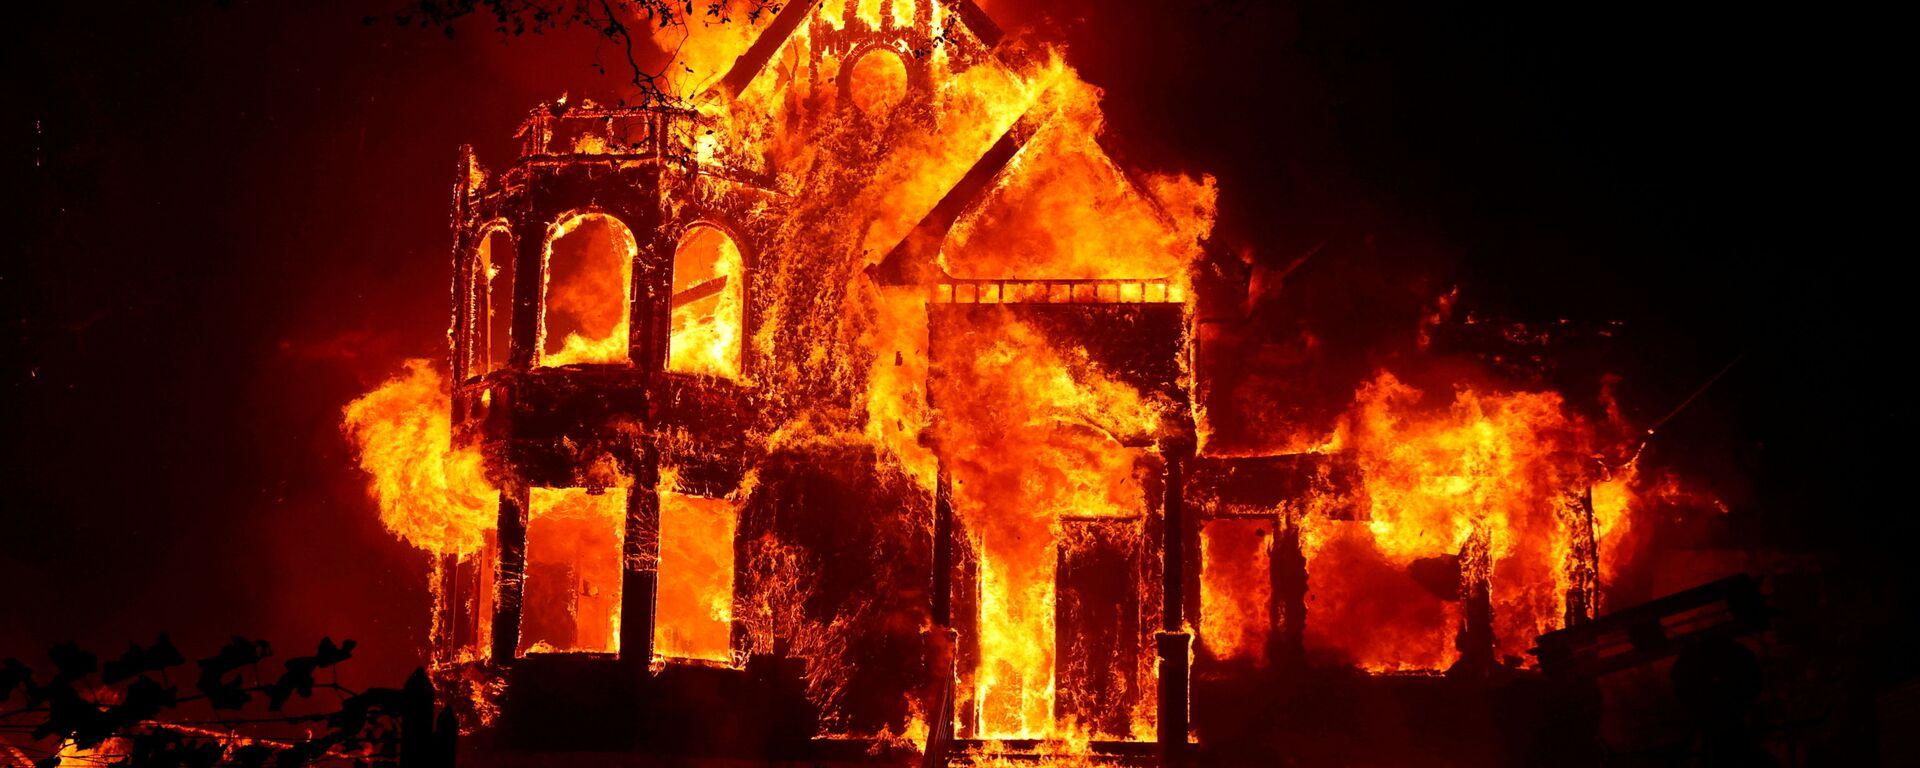 Горящий дом во время природных пожаров в Калифорнии  - Sputnik Italia, 1920, 10.08.2021